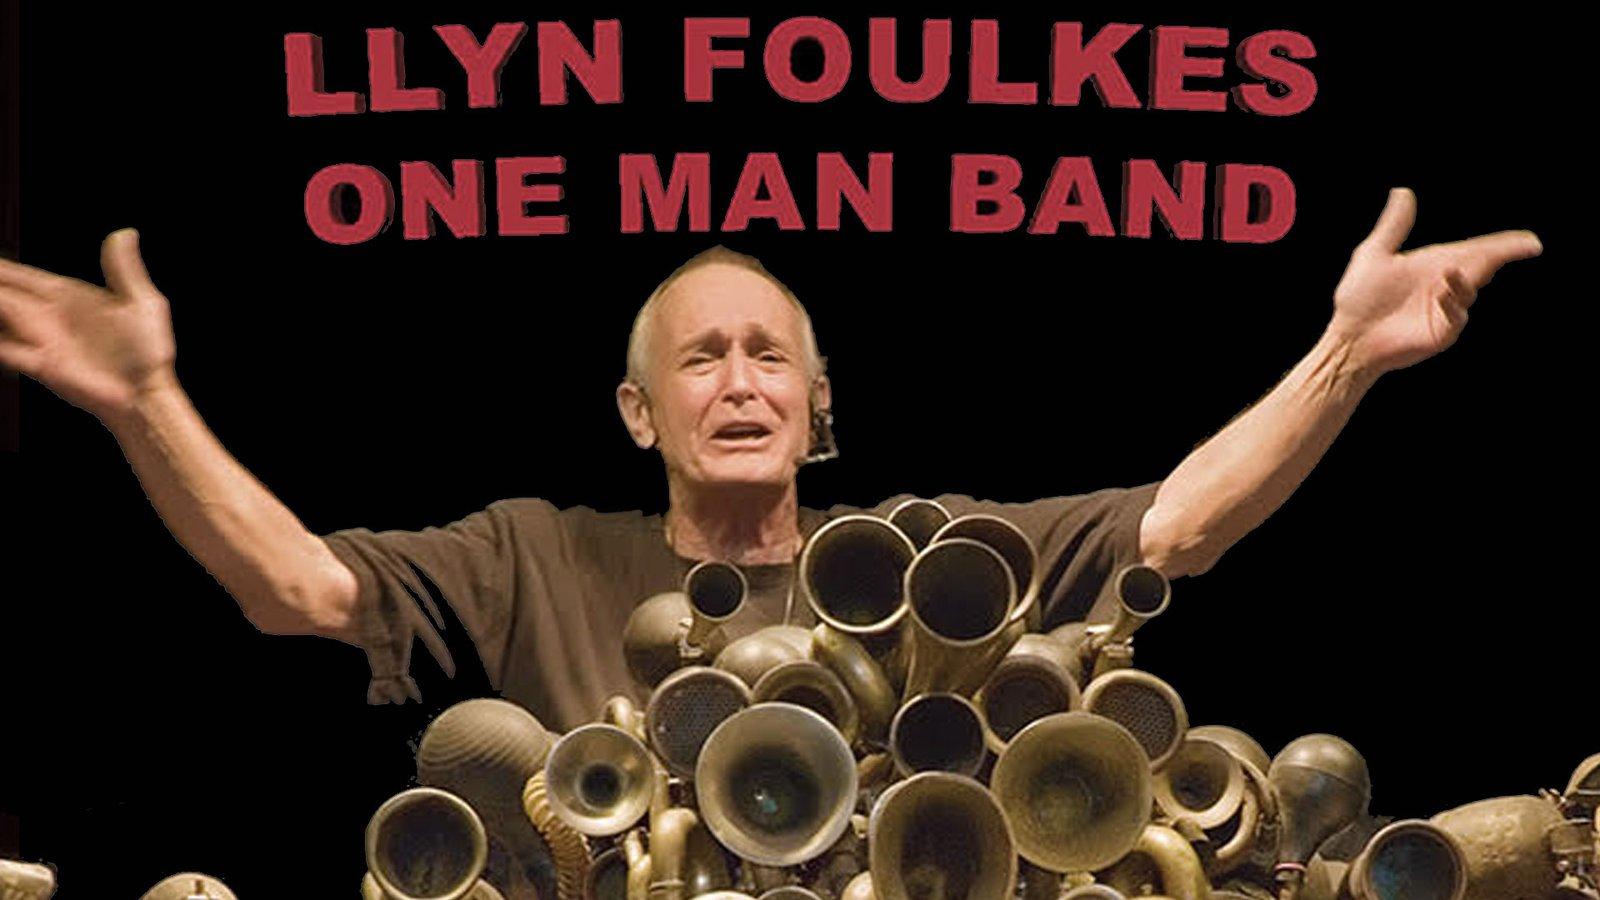 Llyn Foulkes One Man Band